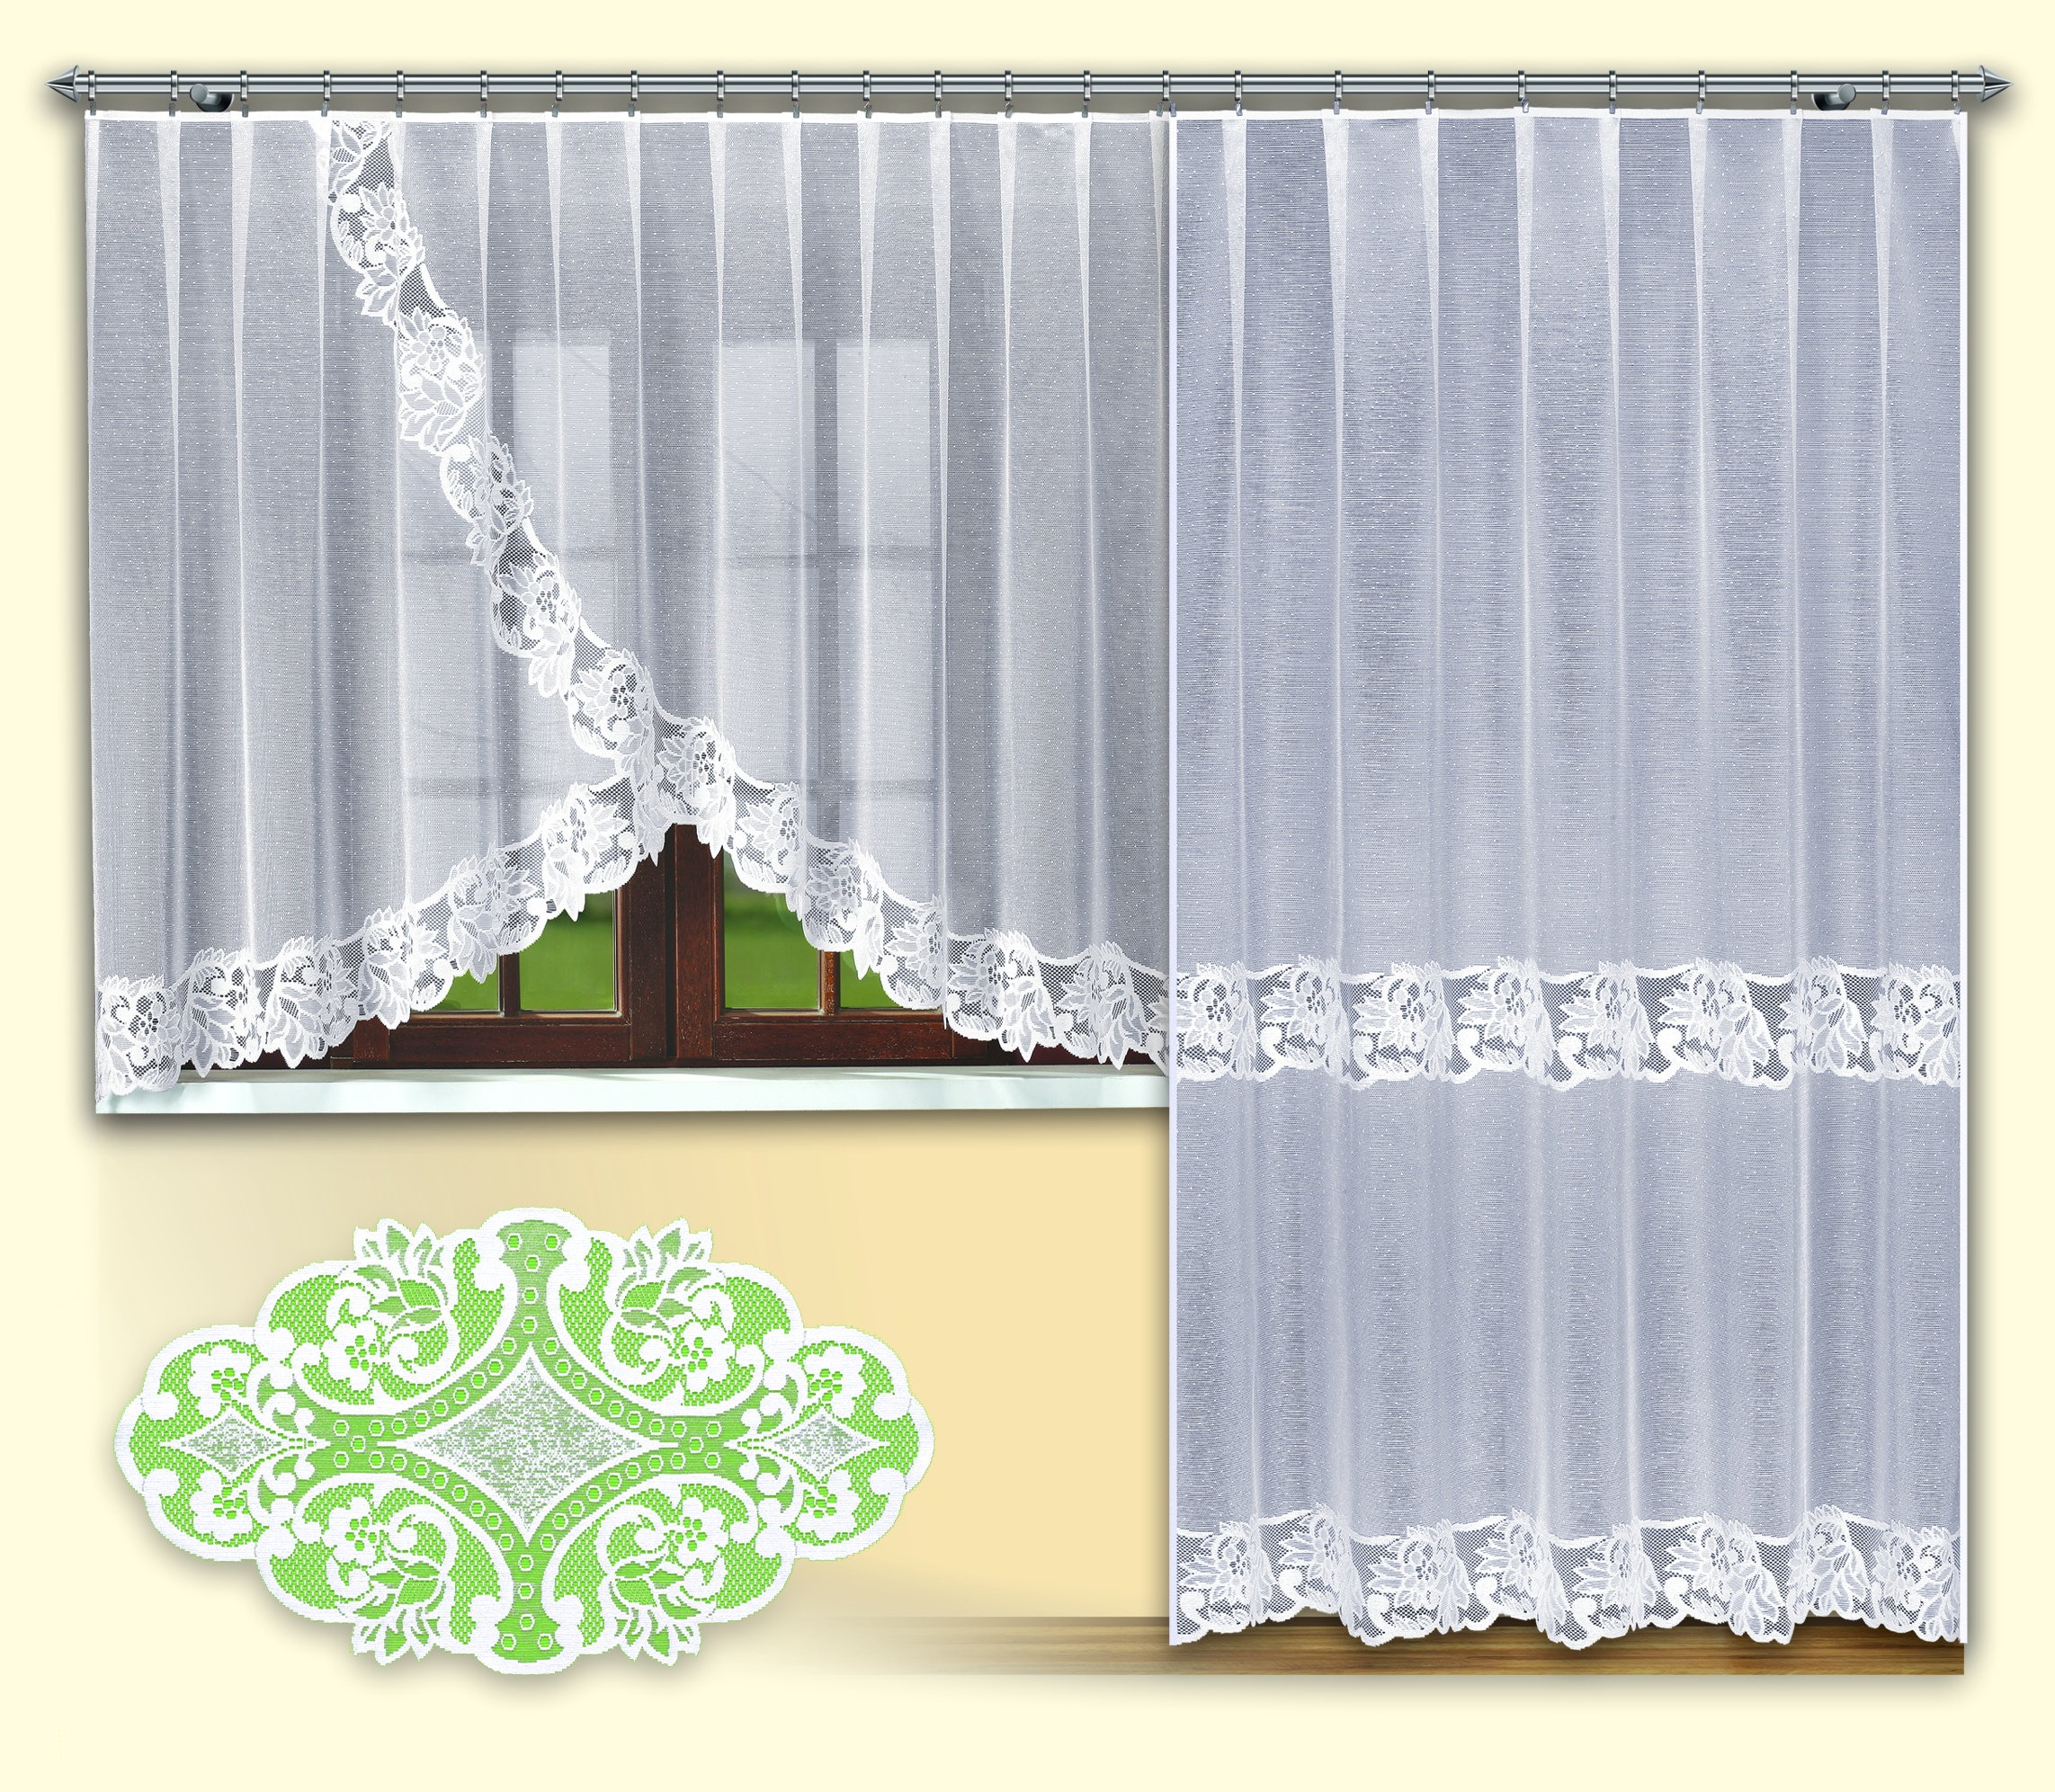 Комплект балконный HAFT 250*200+160*300+90*50. 46272/25046272/250Комплект балконный XAFT 250*200+160*300+90*50. 46272/250Материал: 100% п/э, размер: 250*200+160*300+90*50, цвет: белый